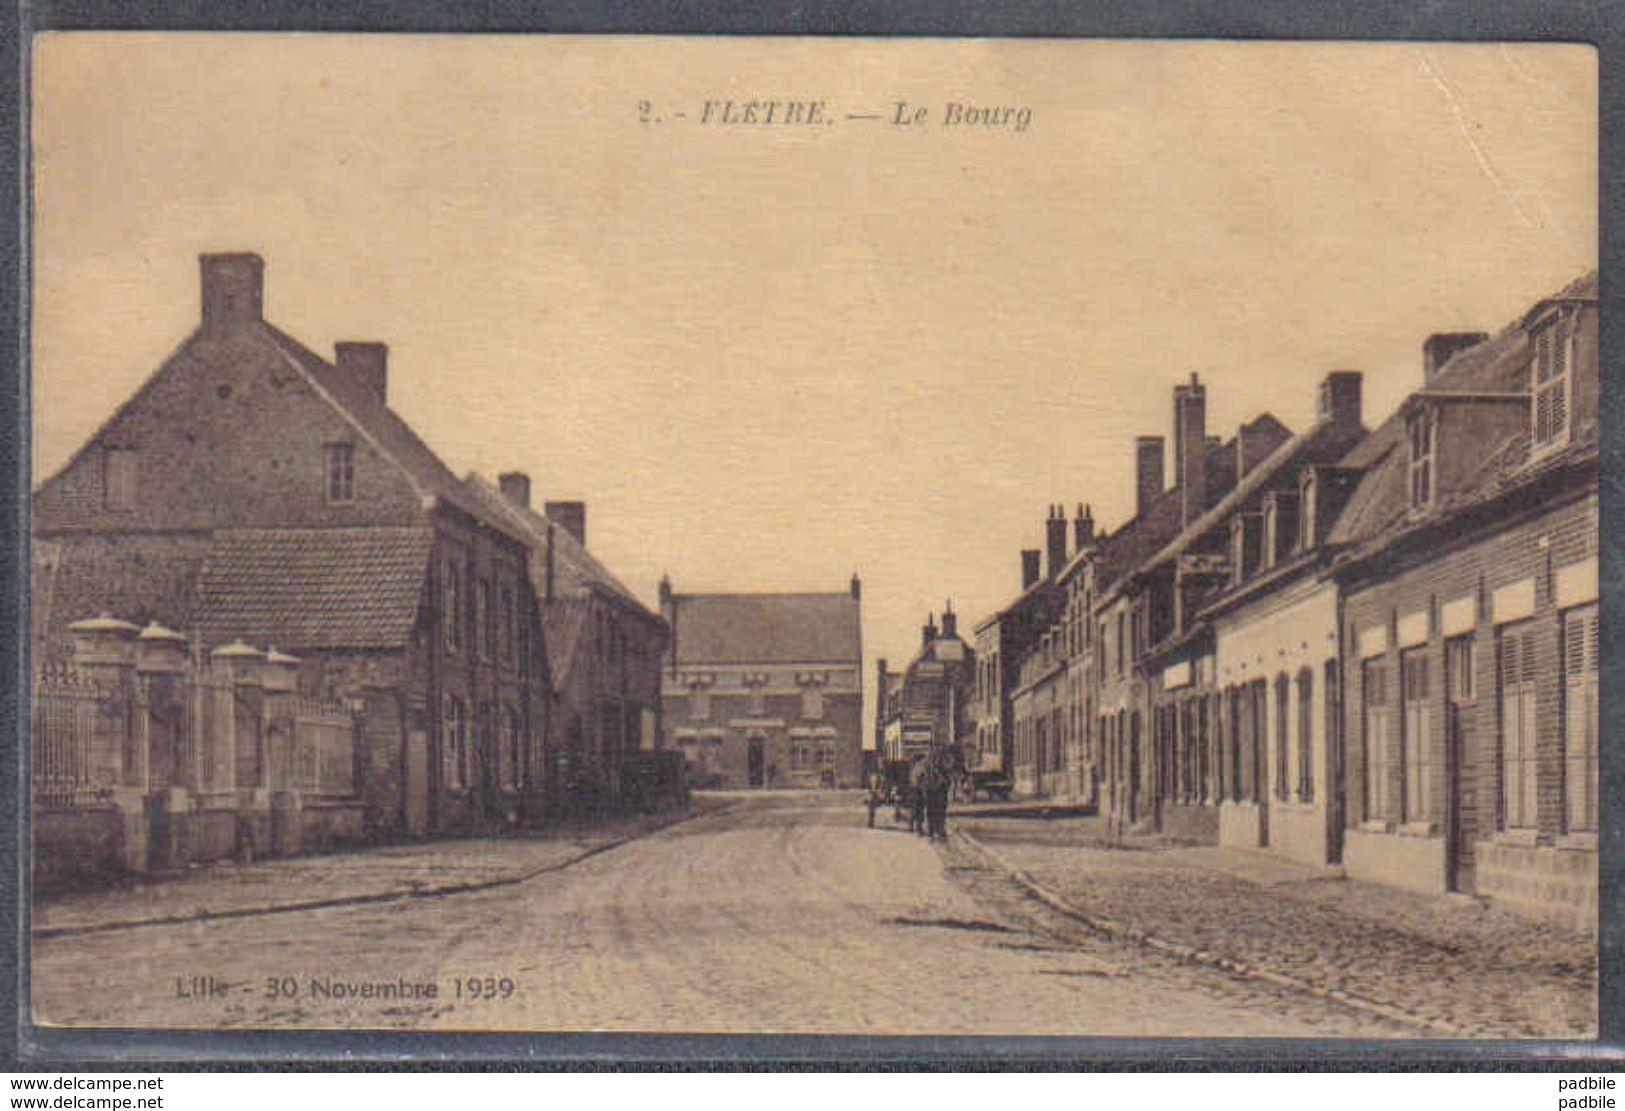 Carte Postale 59. Flètre  Le Bourg  Trés Beau Plan - Autres Communes